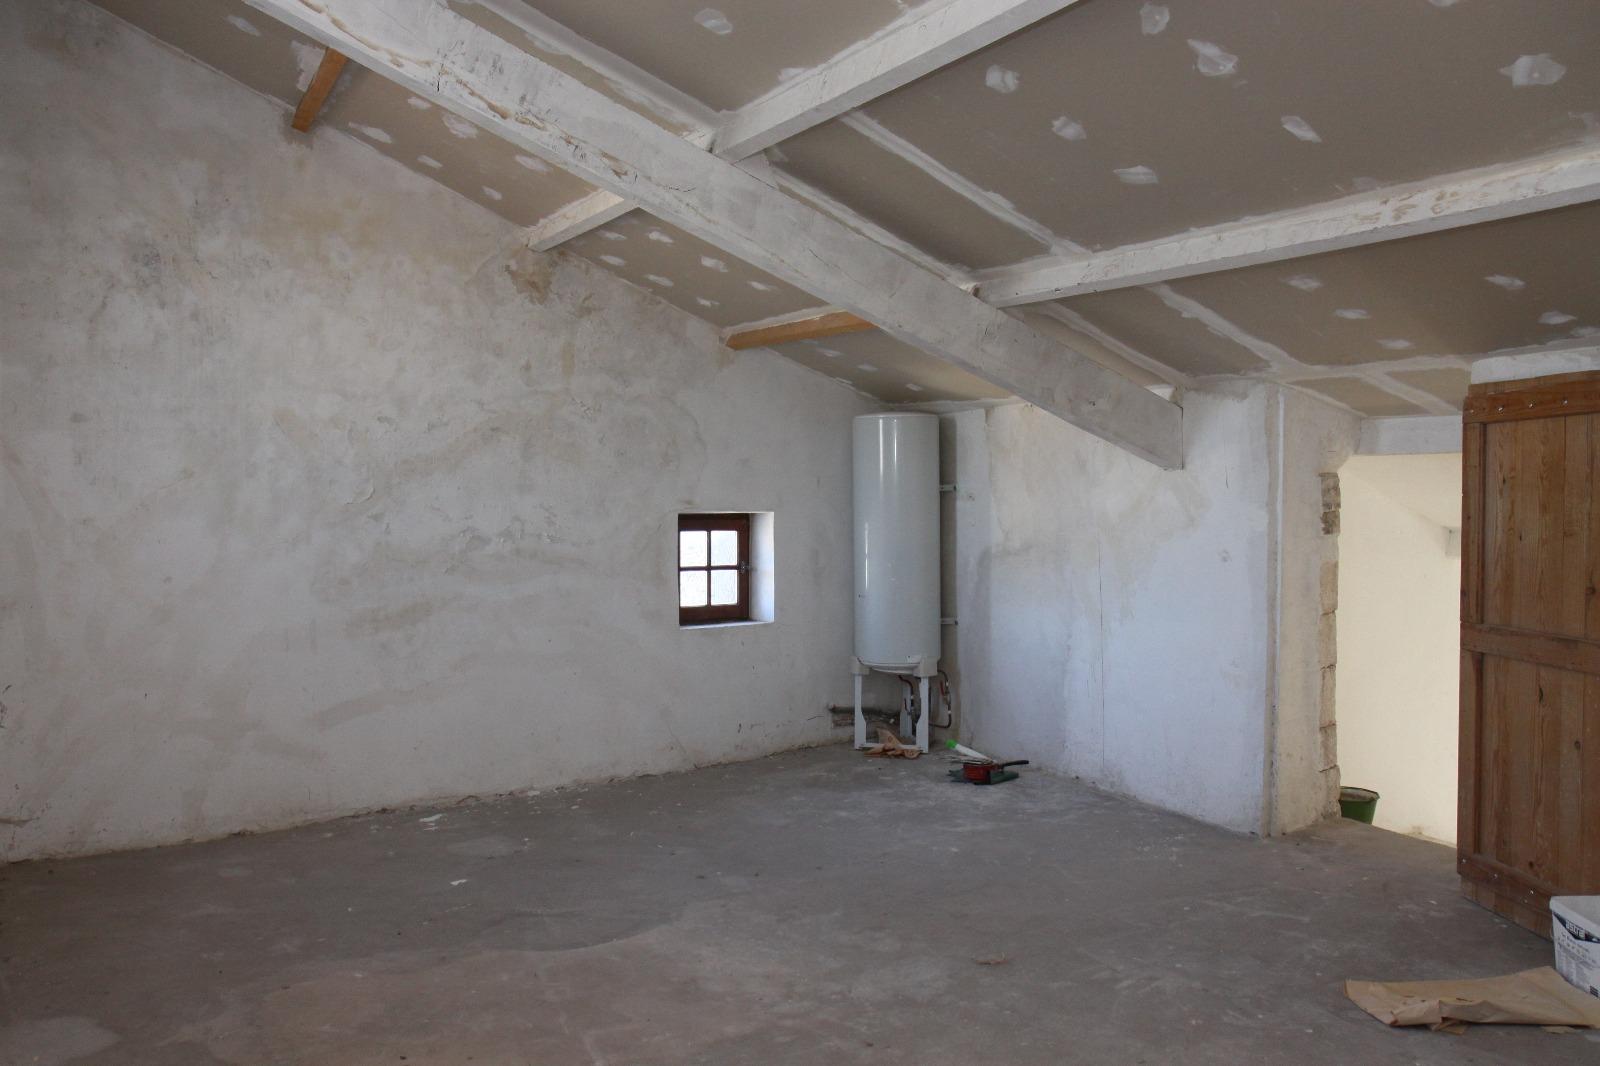 Maison de village vendre luberon 4 chambres avec for Achat maison luberon